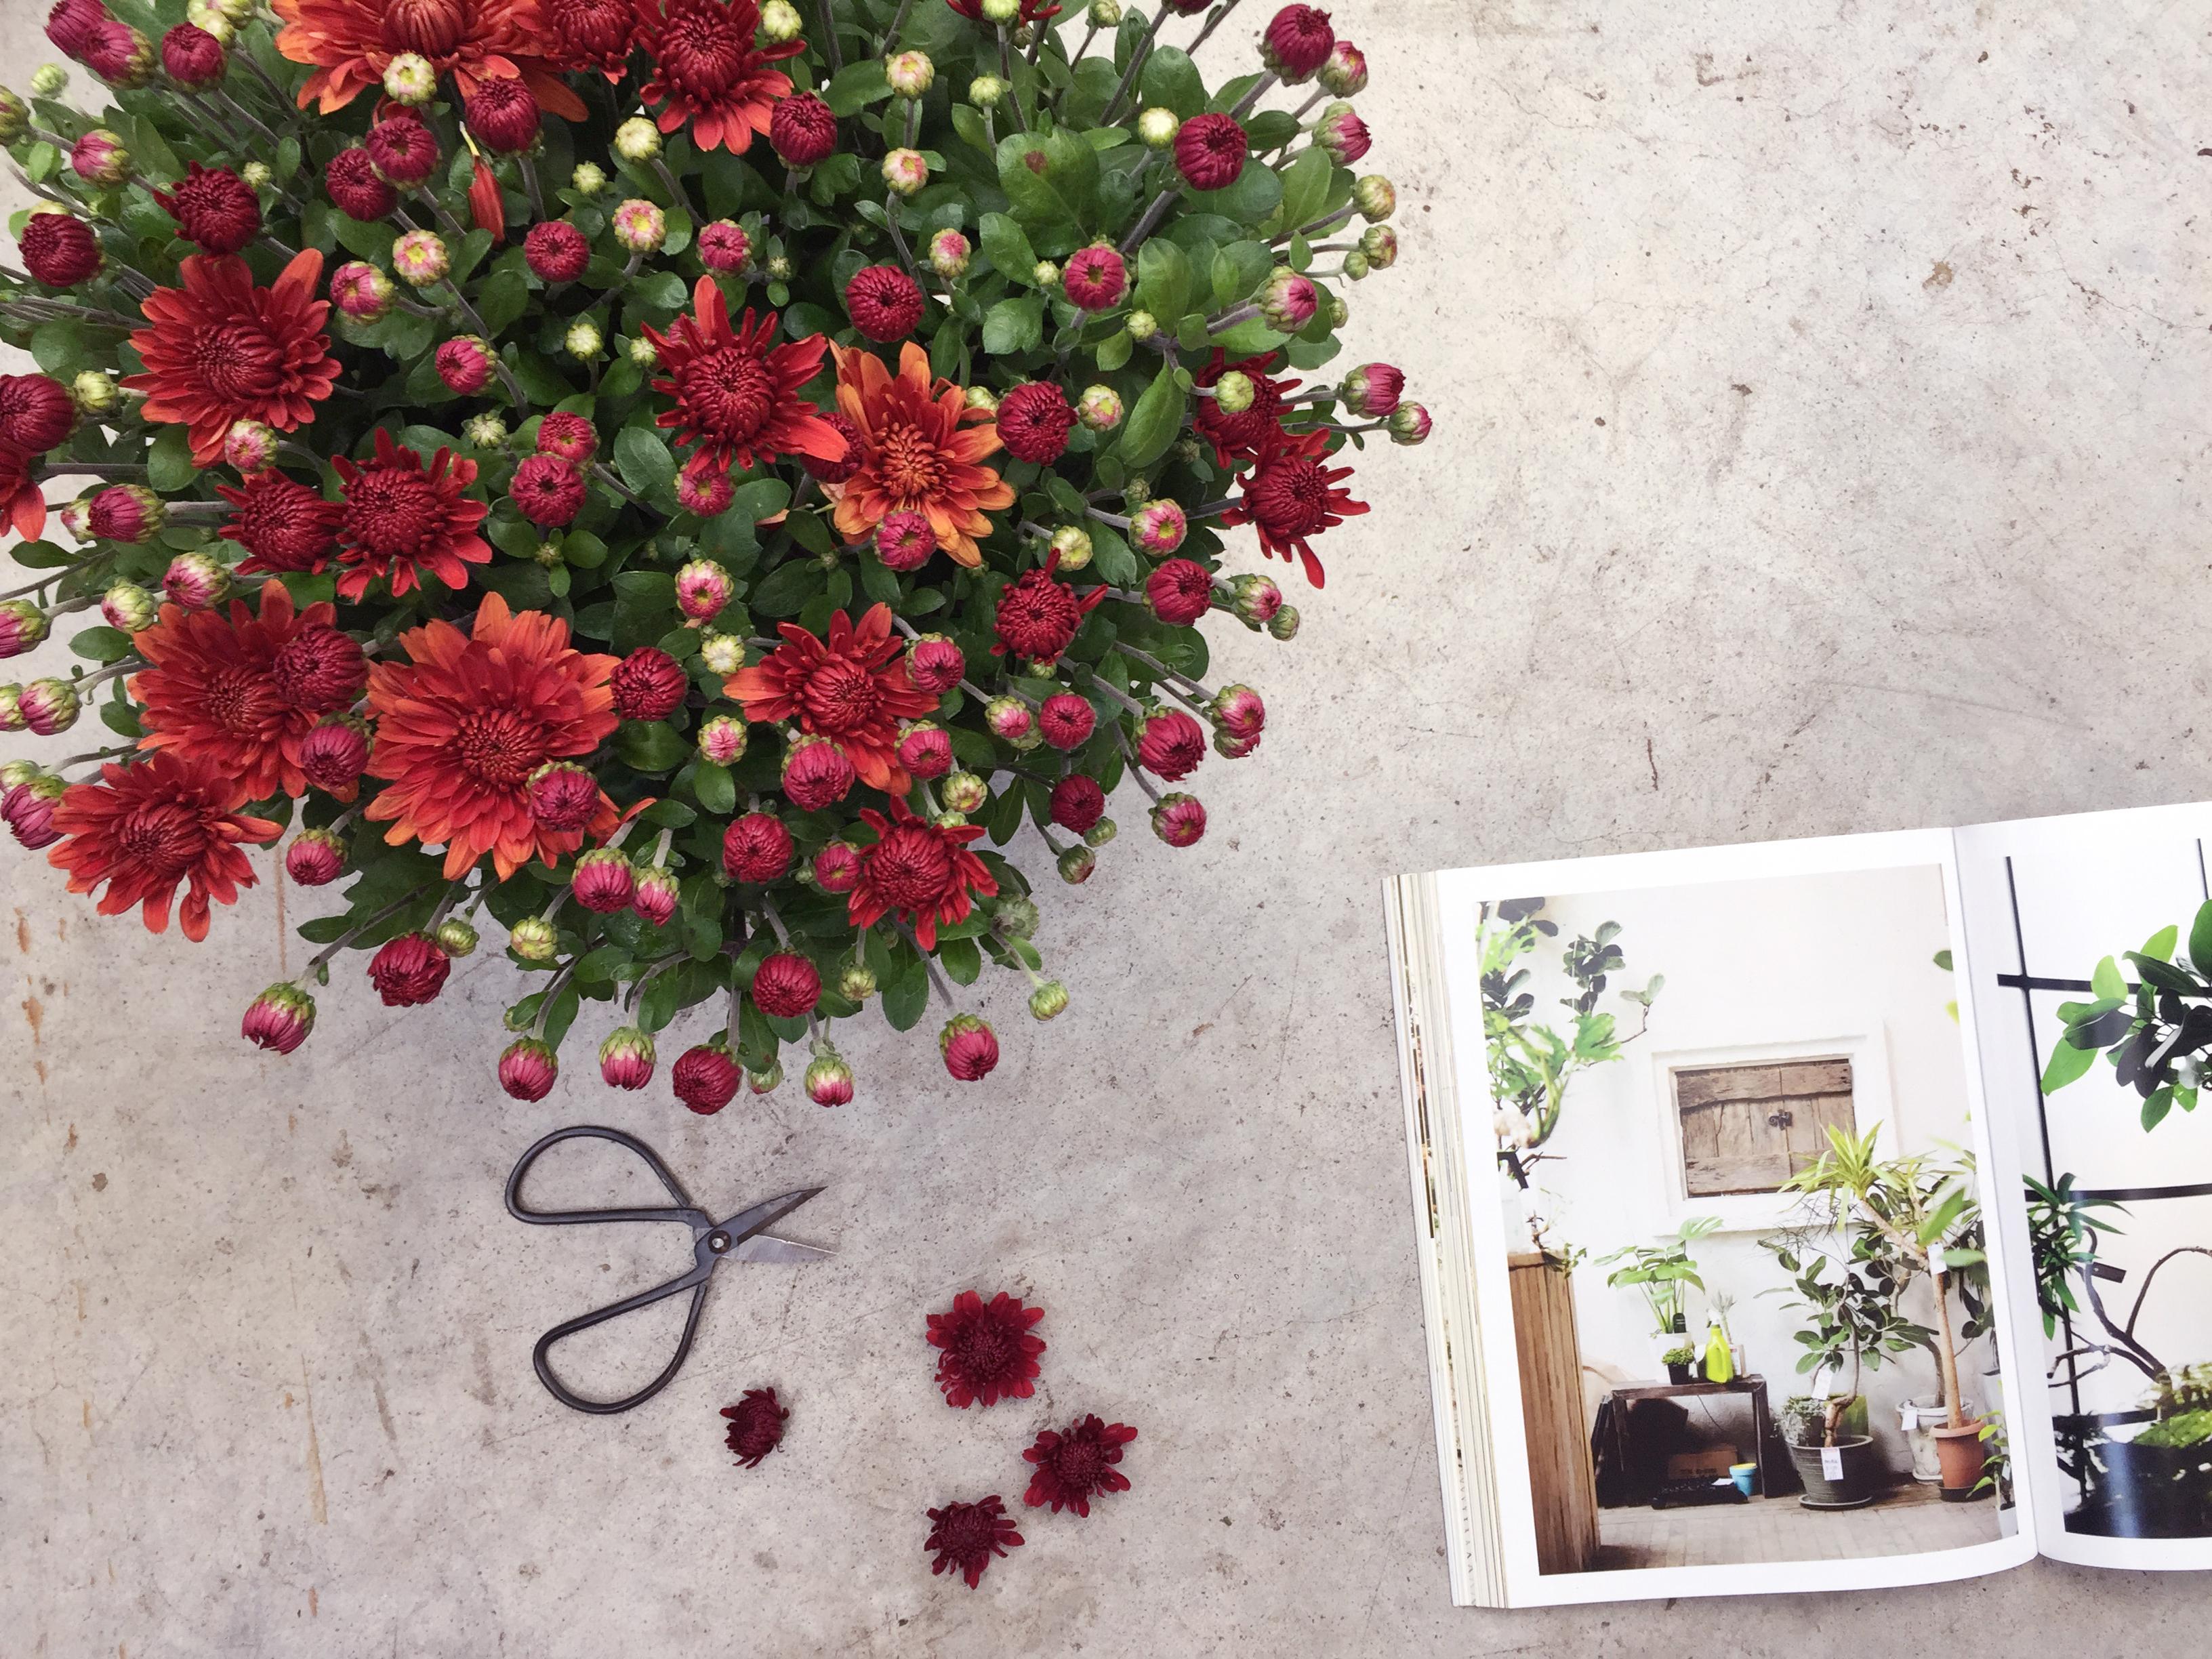 Le Chrysanthème, le Végétal du moment